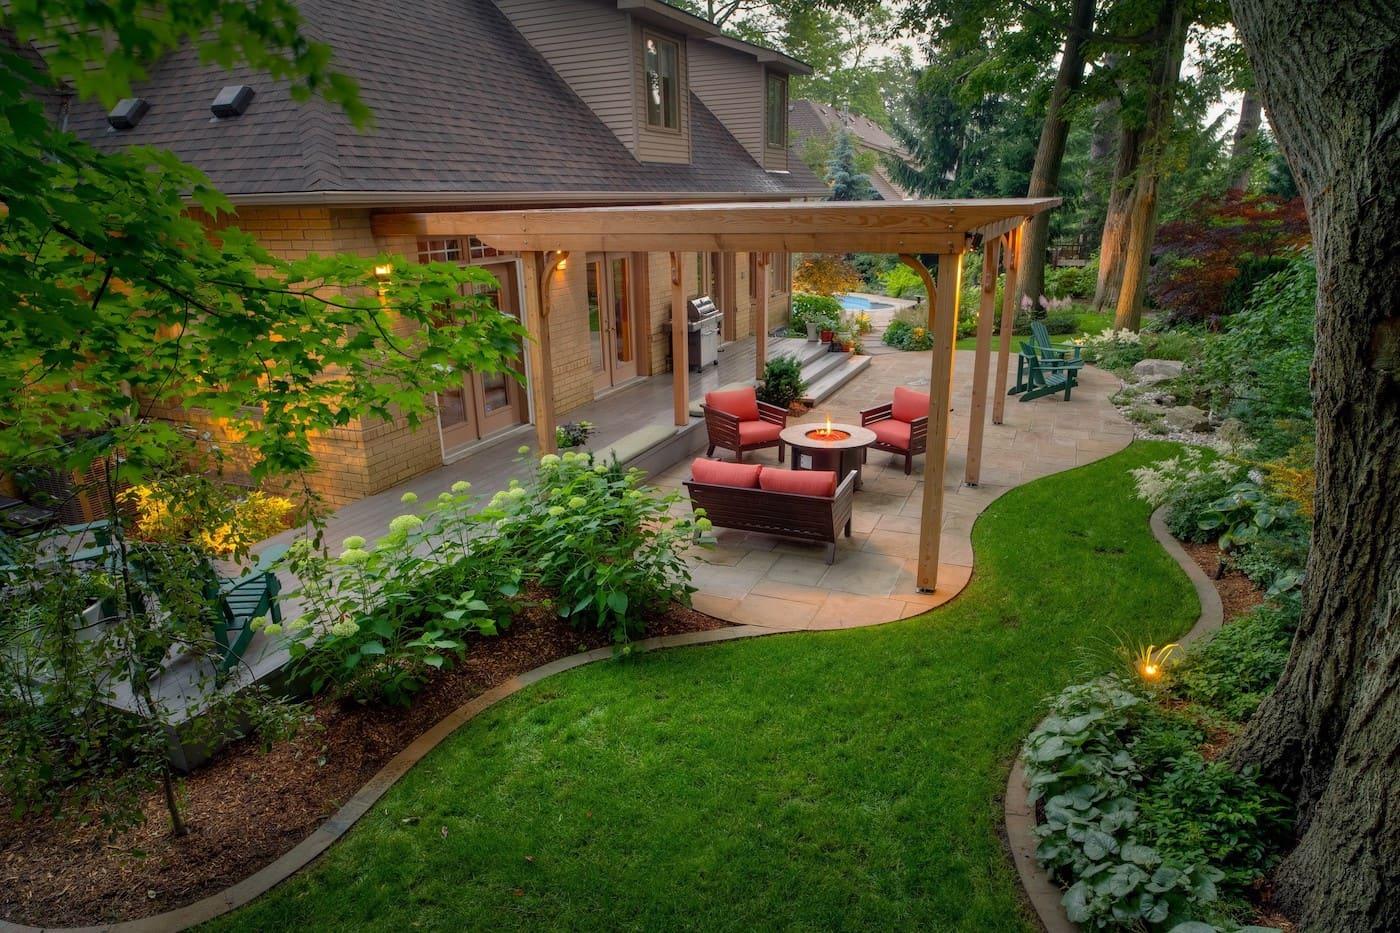 дизайн двора частного дома фото 9